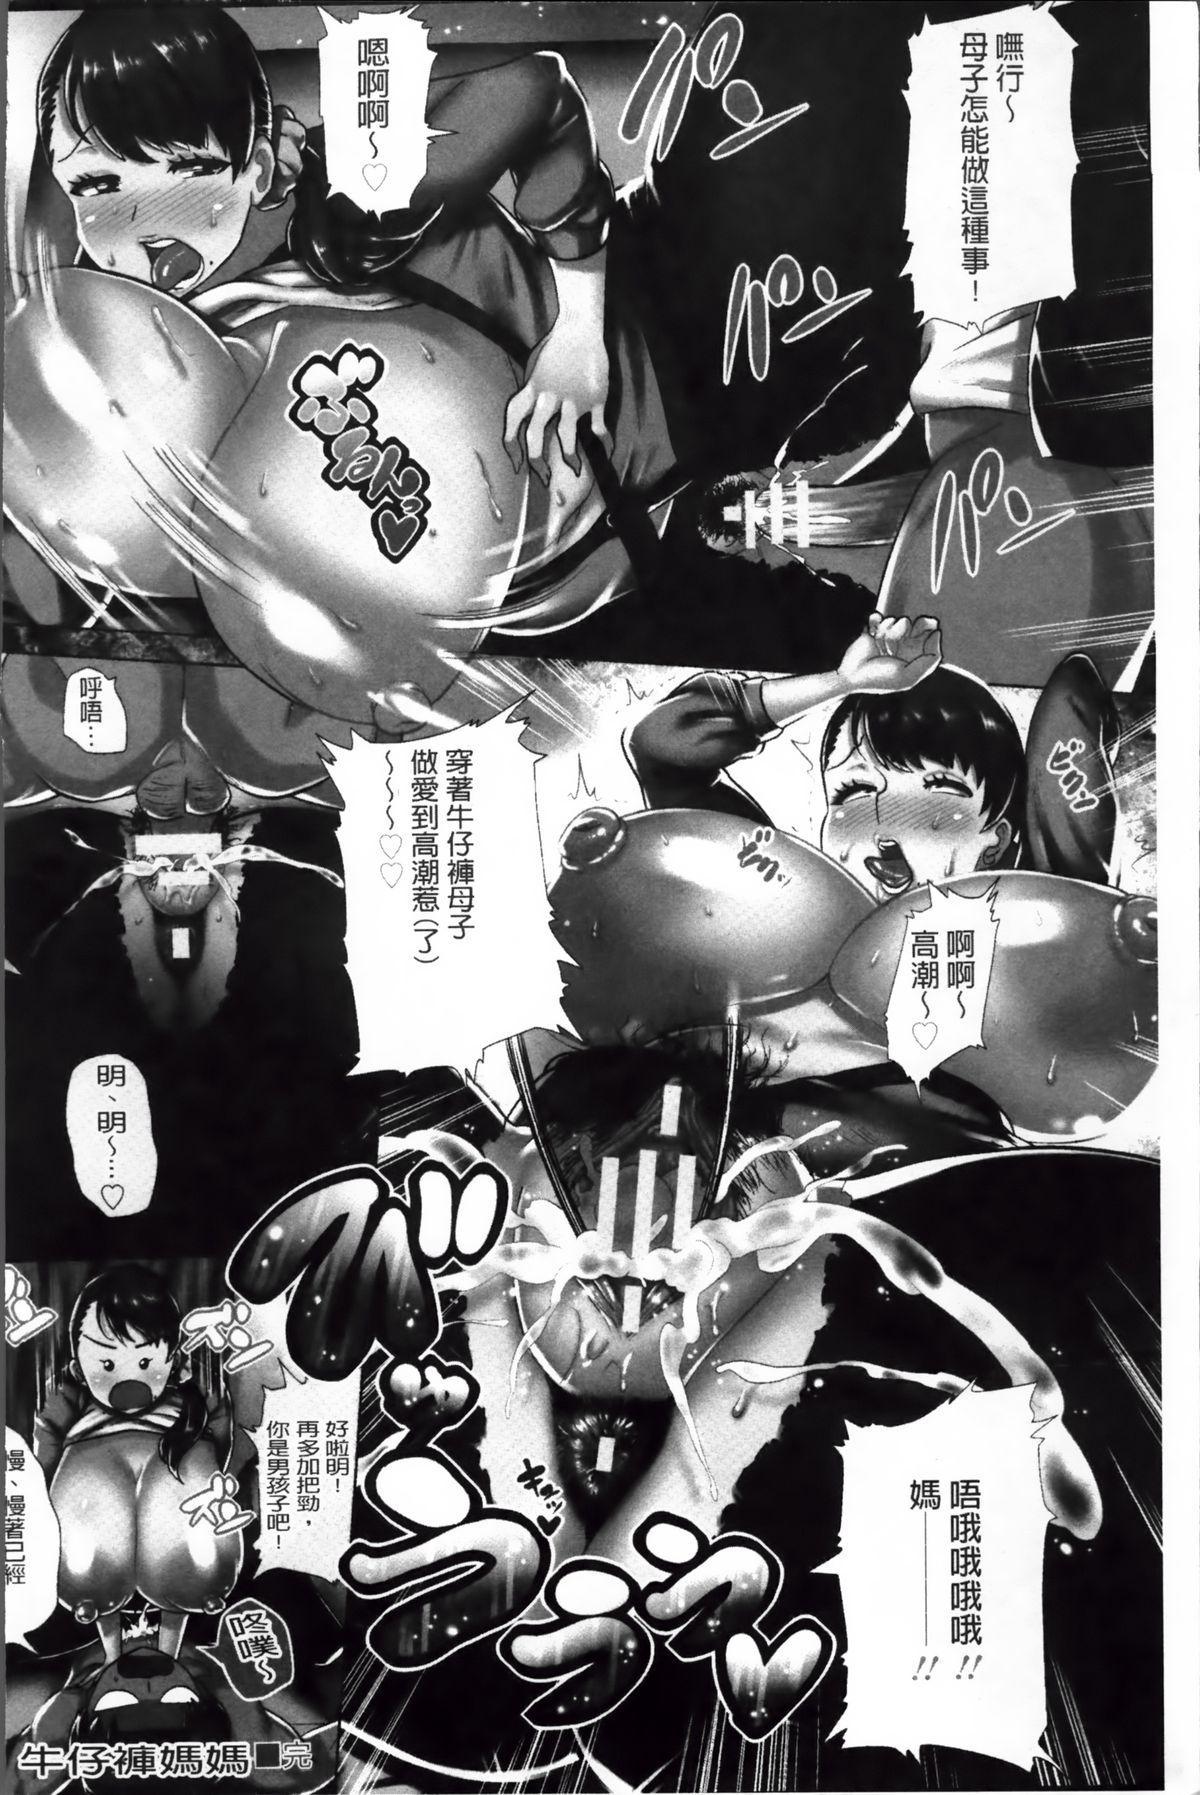 Megabody Night - Watashi no Oniku o Meshiagare 13